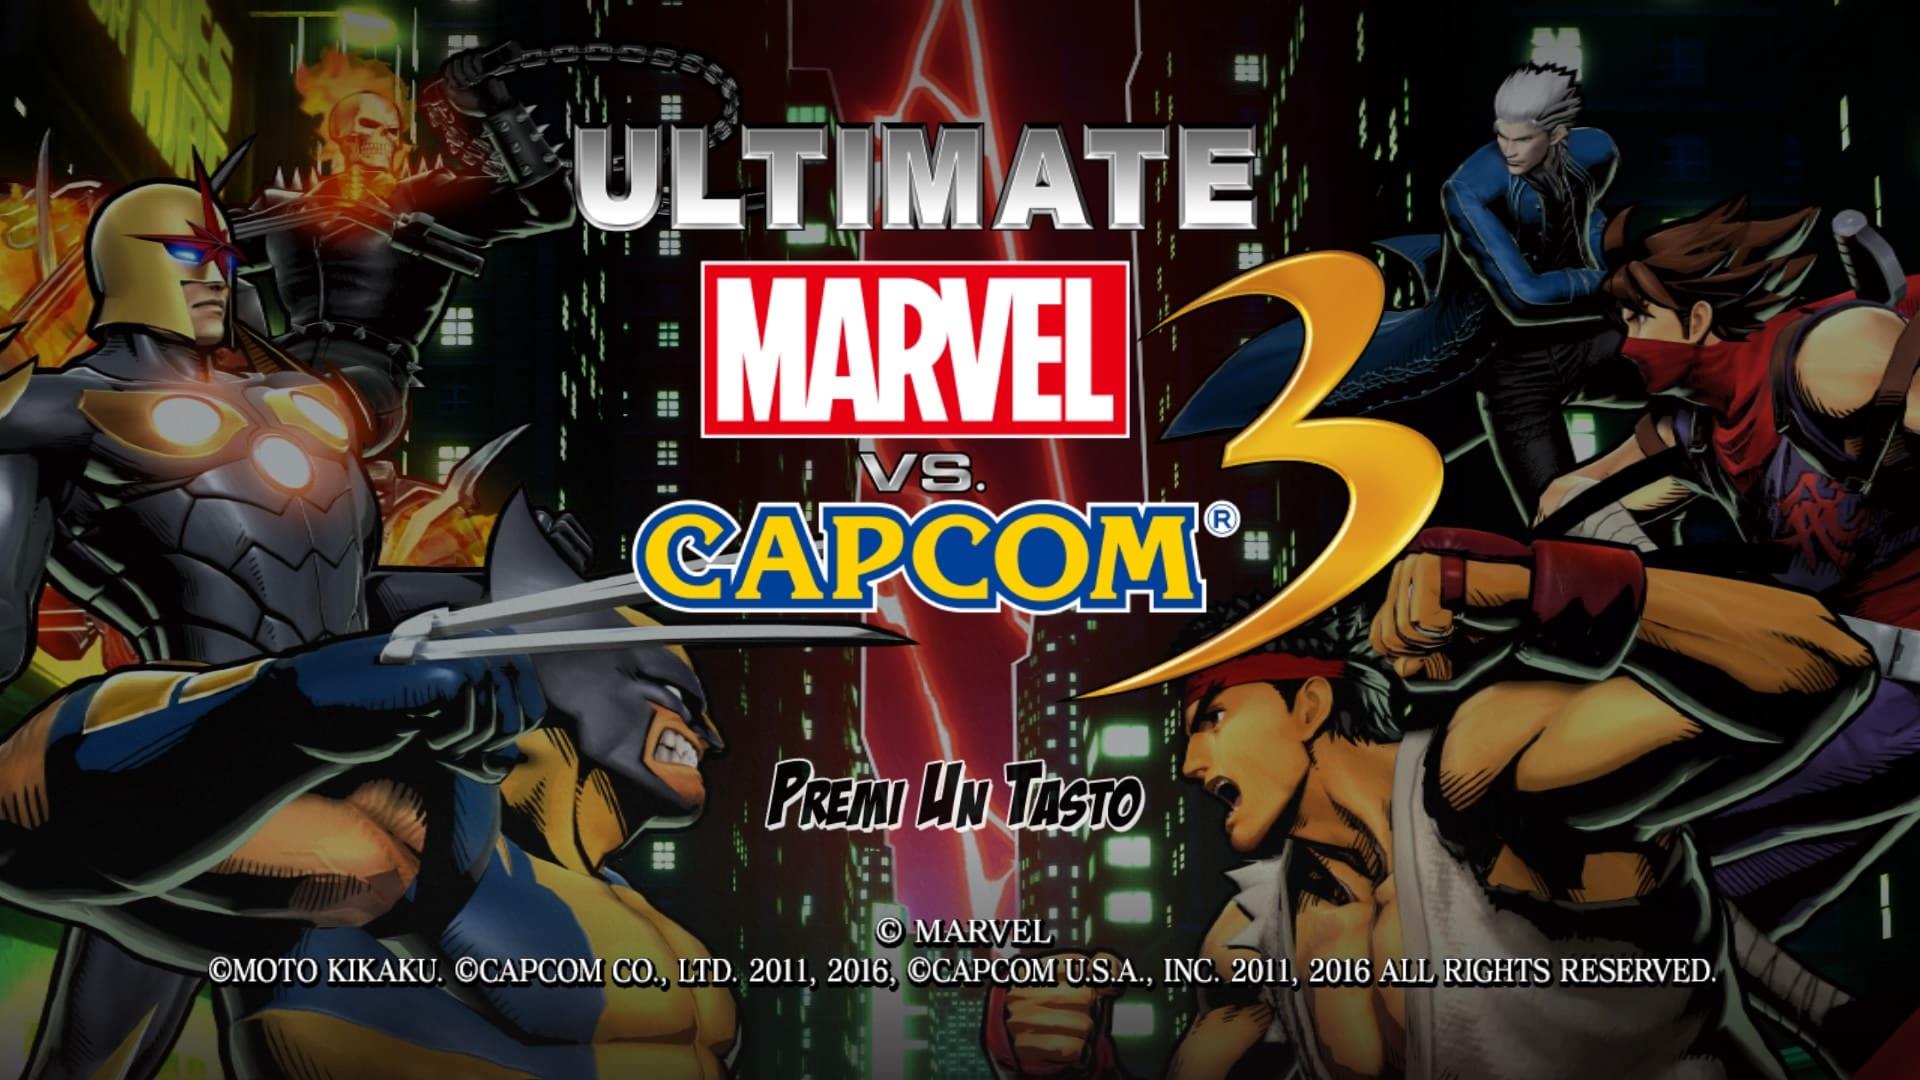 recensione-ultimate-marvel-vs-capcom-3-5